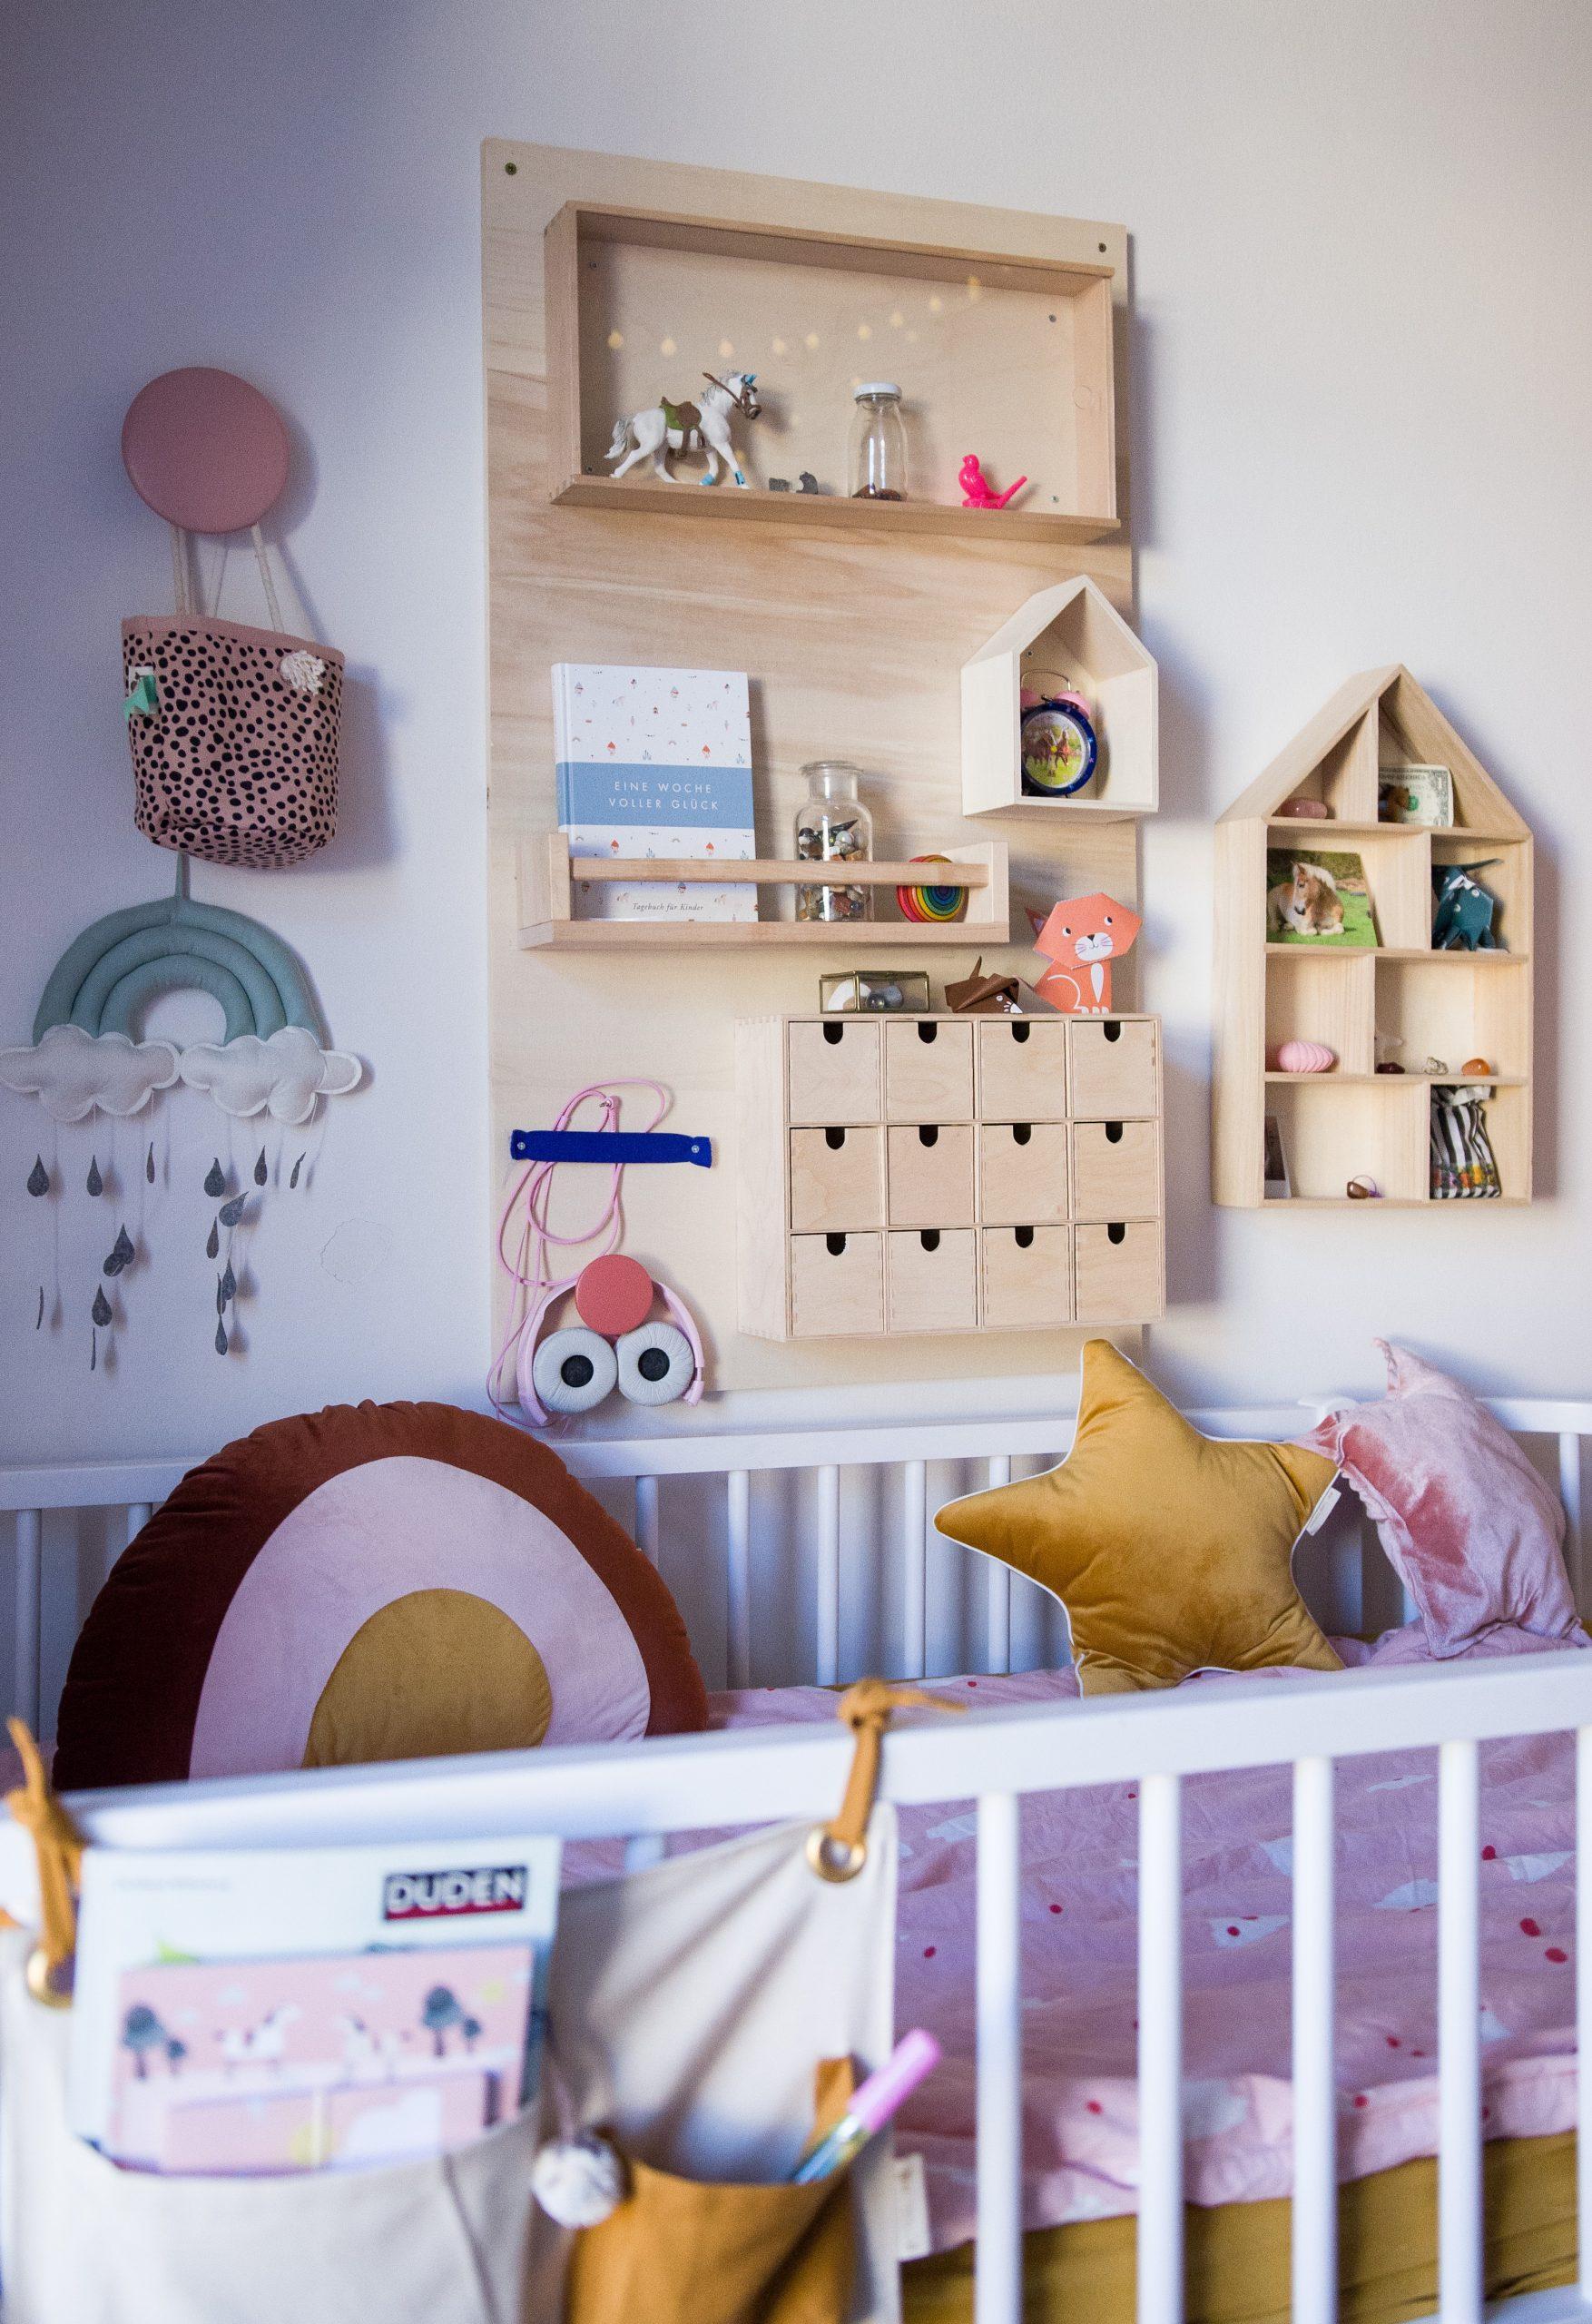 Alles hat einen Platz - ein DIY Utensilo fürs Kinderzimmer